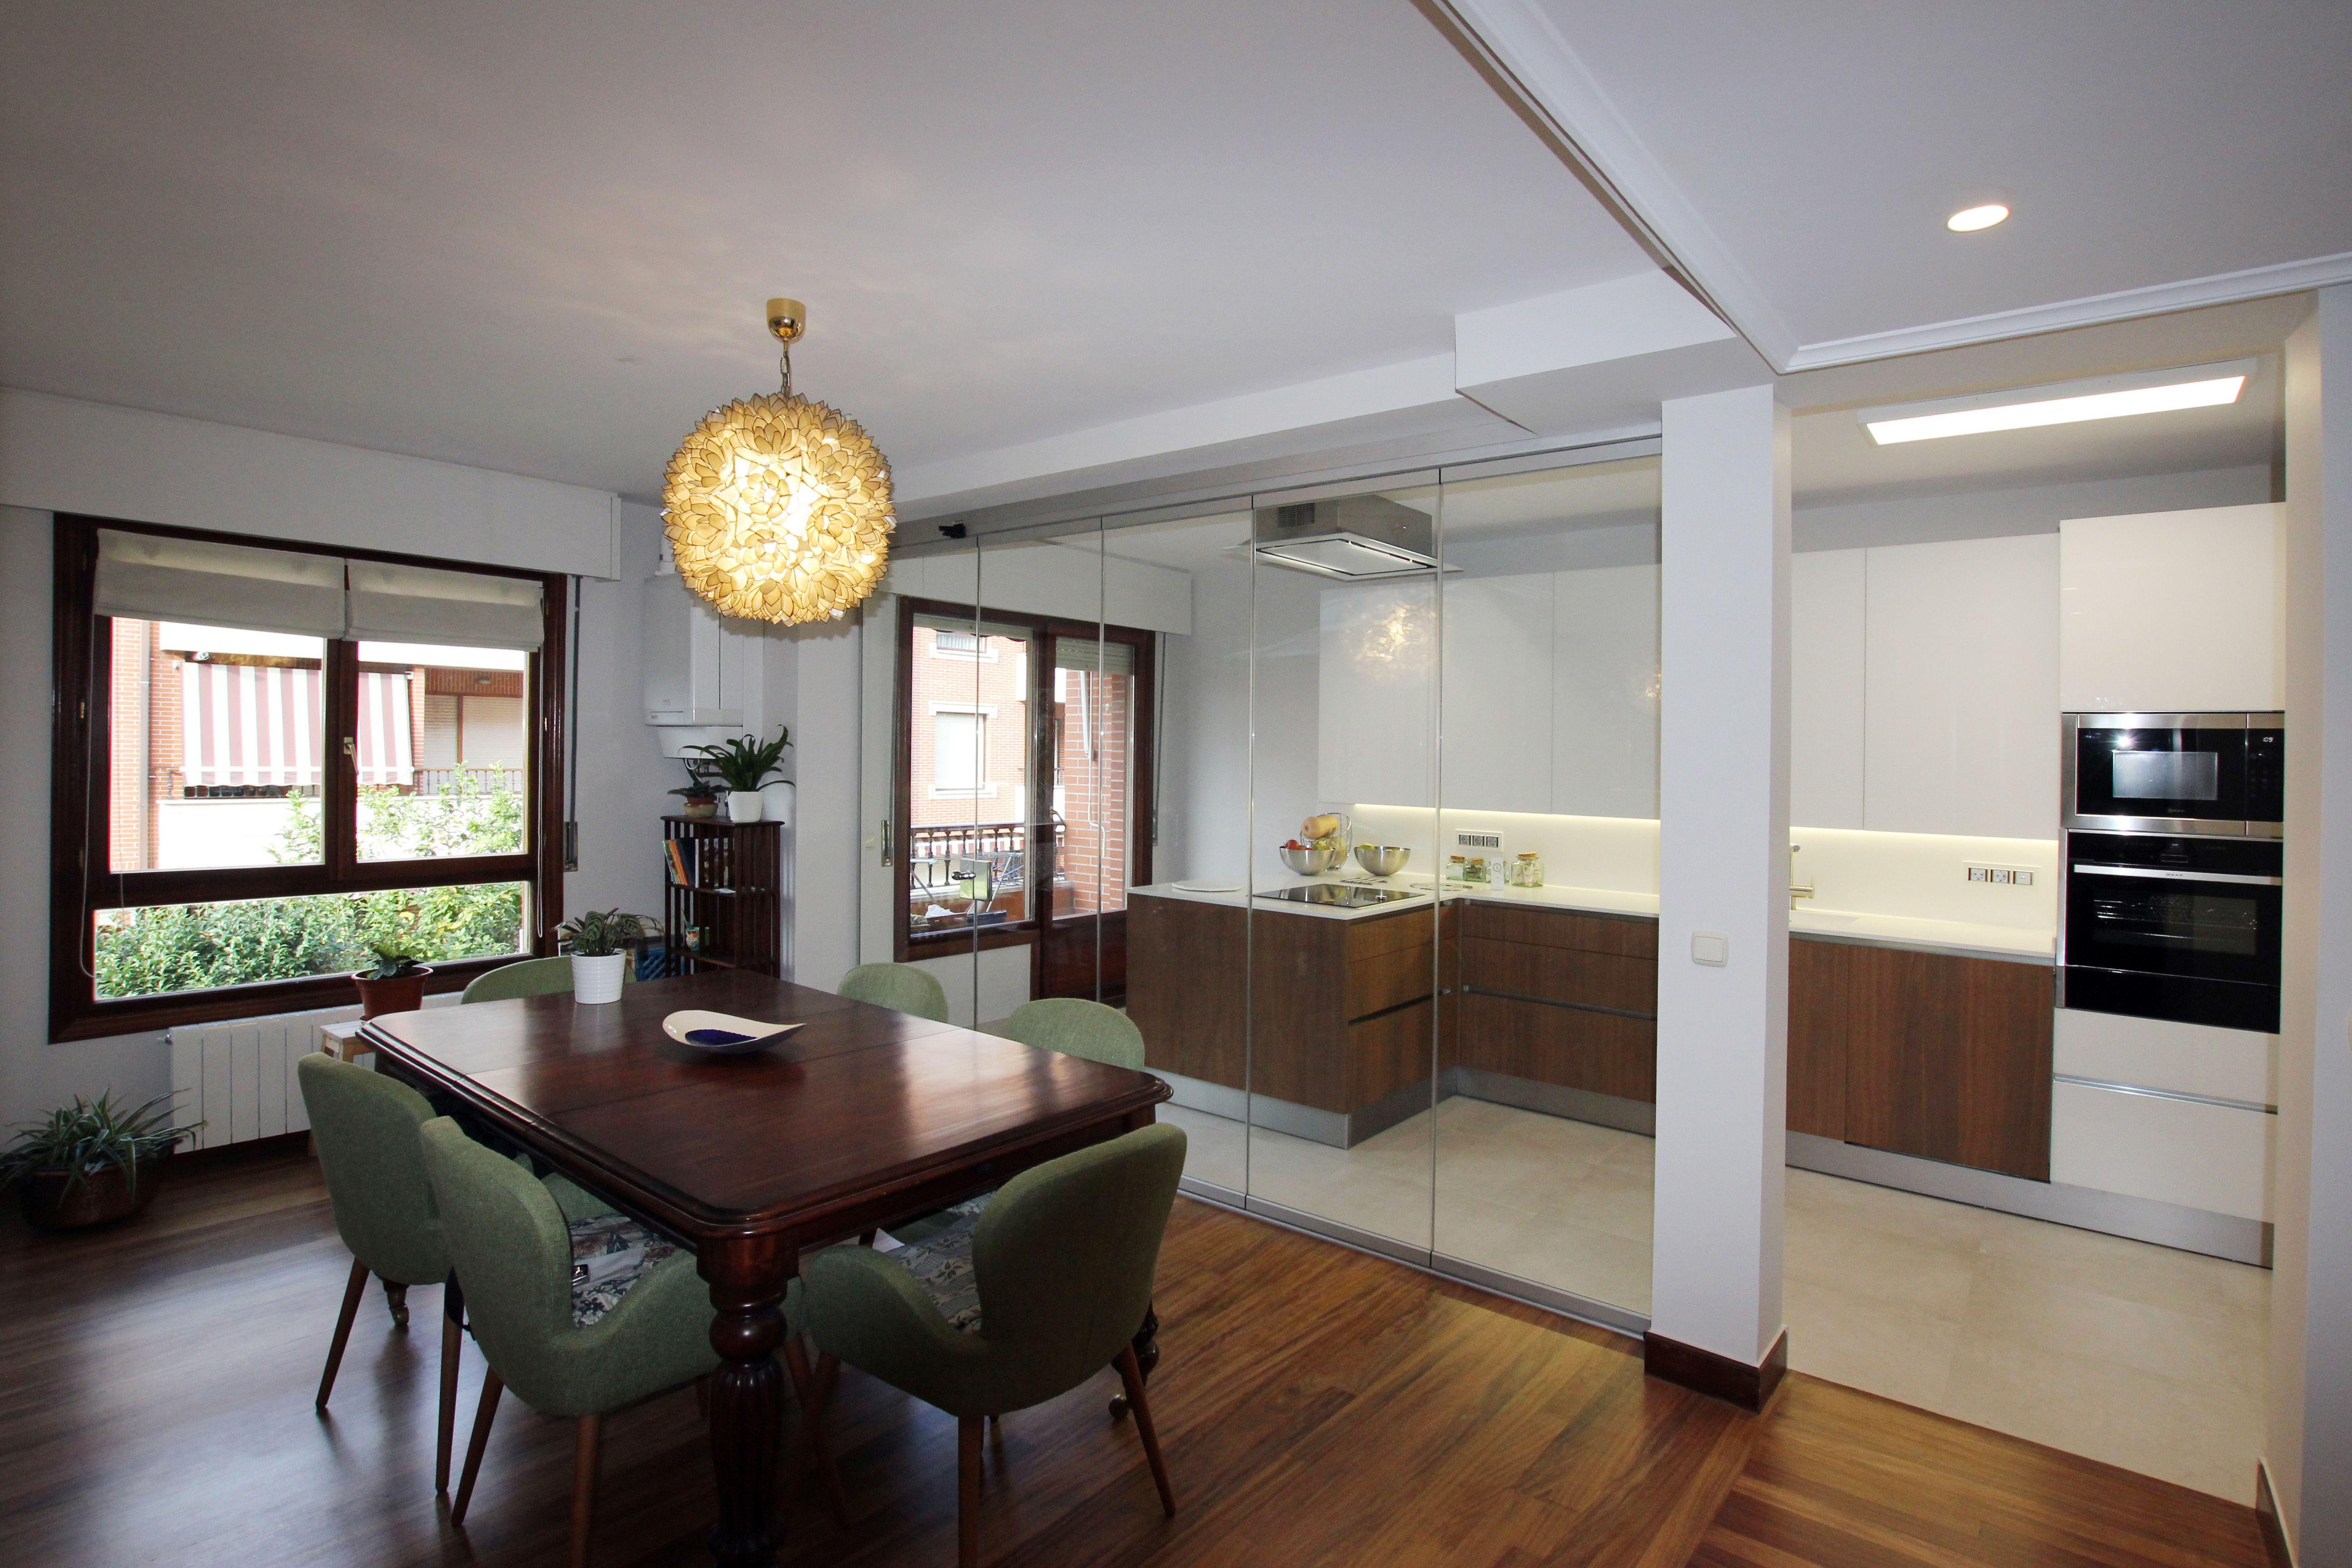 Separaci n con cortinas de cristal entre cocina y comedor for Separacion de muebles cocina comedor